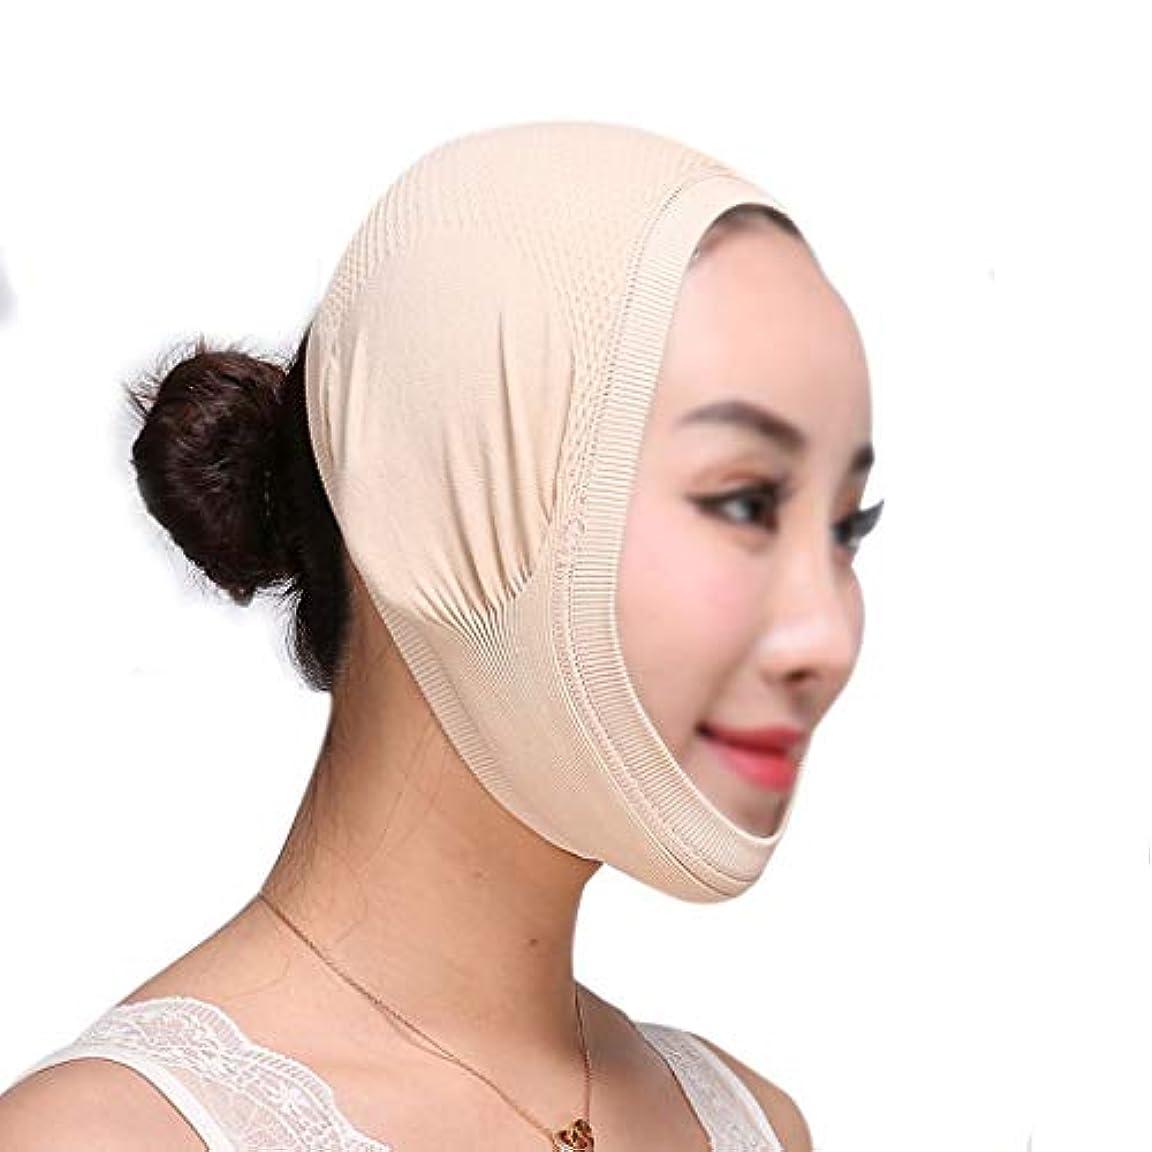 簡略化する平行ゆるく整形外科病院ライン彫刻術後回復ヘッドギア医療マスク睡眠vフェイスリフティング包帯薄いフェイスマスク (Size : Skin tone(B))